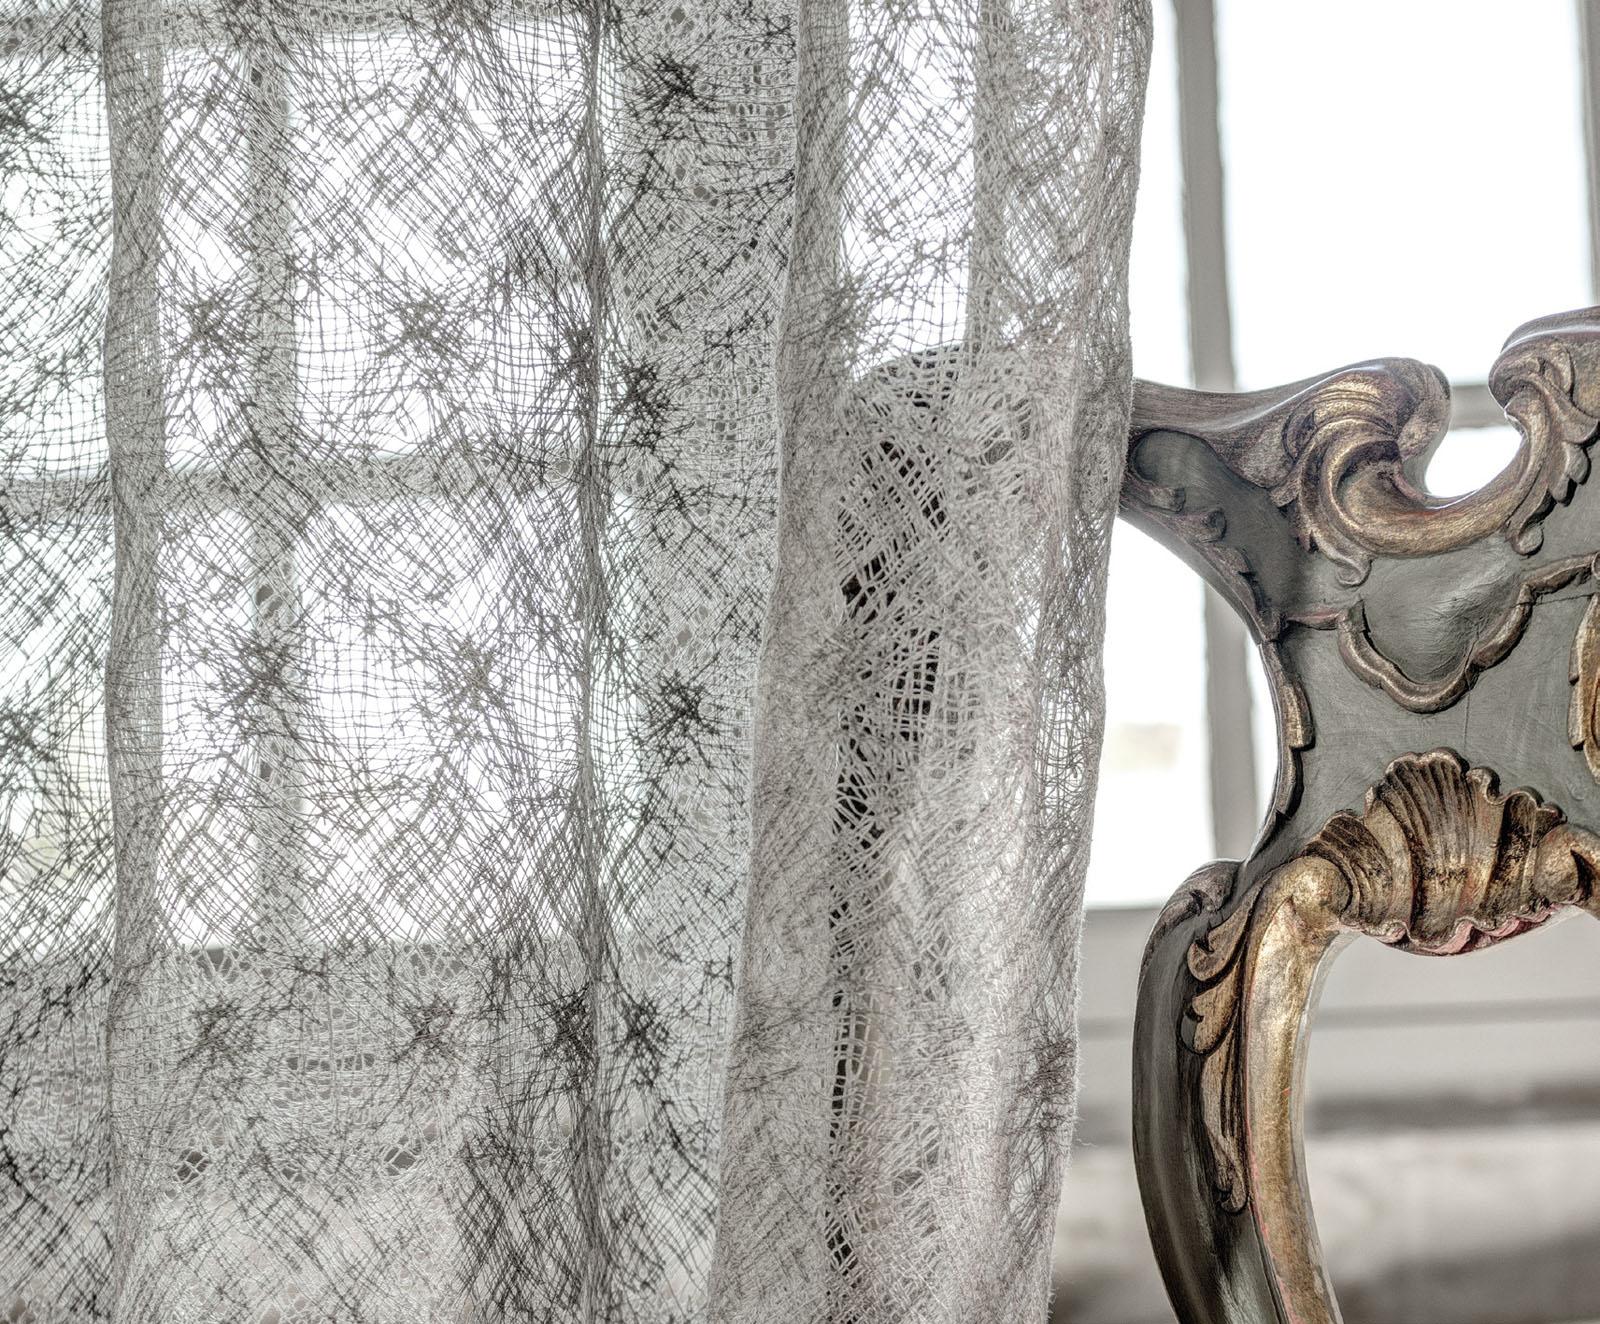 ciesse-tendaggi-collezione-home-articolo-syntesi-ciesse-tendaggi-tessuti-verona-tendaggi-pregiati-tende-da-interno-tessuti-eleganti-tende-per-casa-classica-tende-su-misura-tessuti-design-arredo